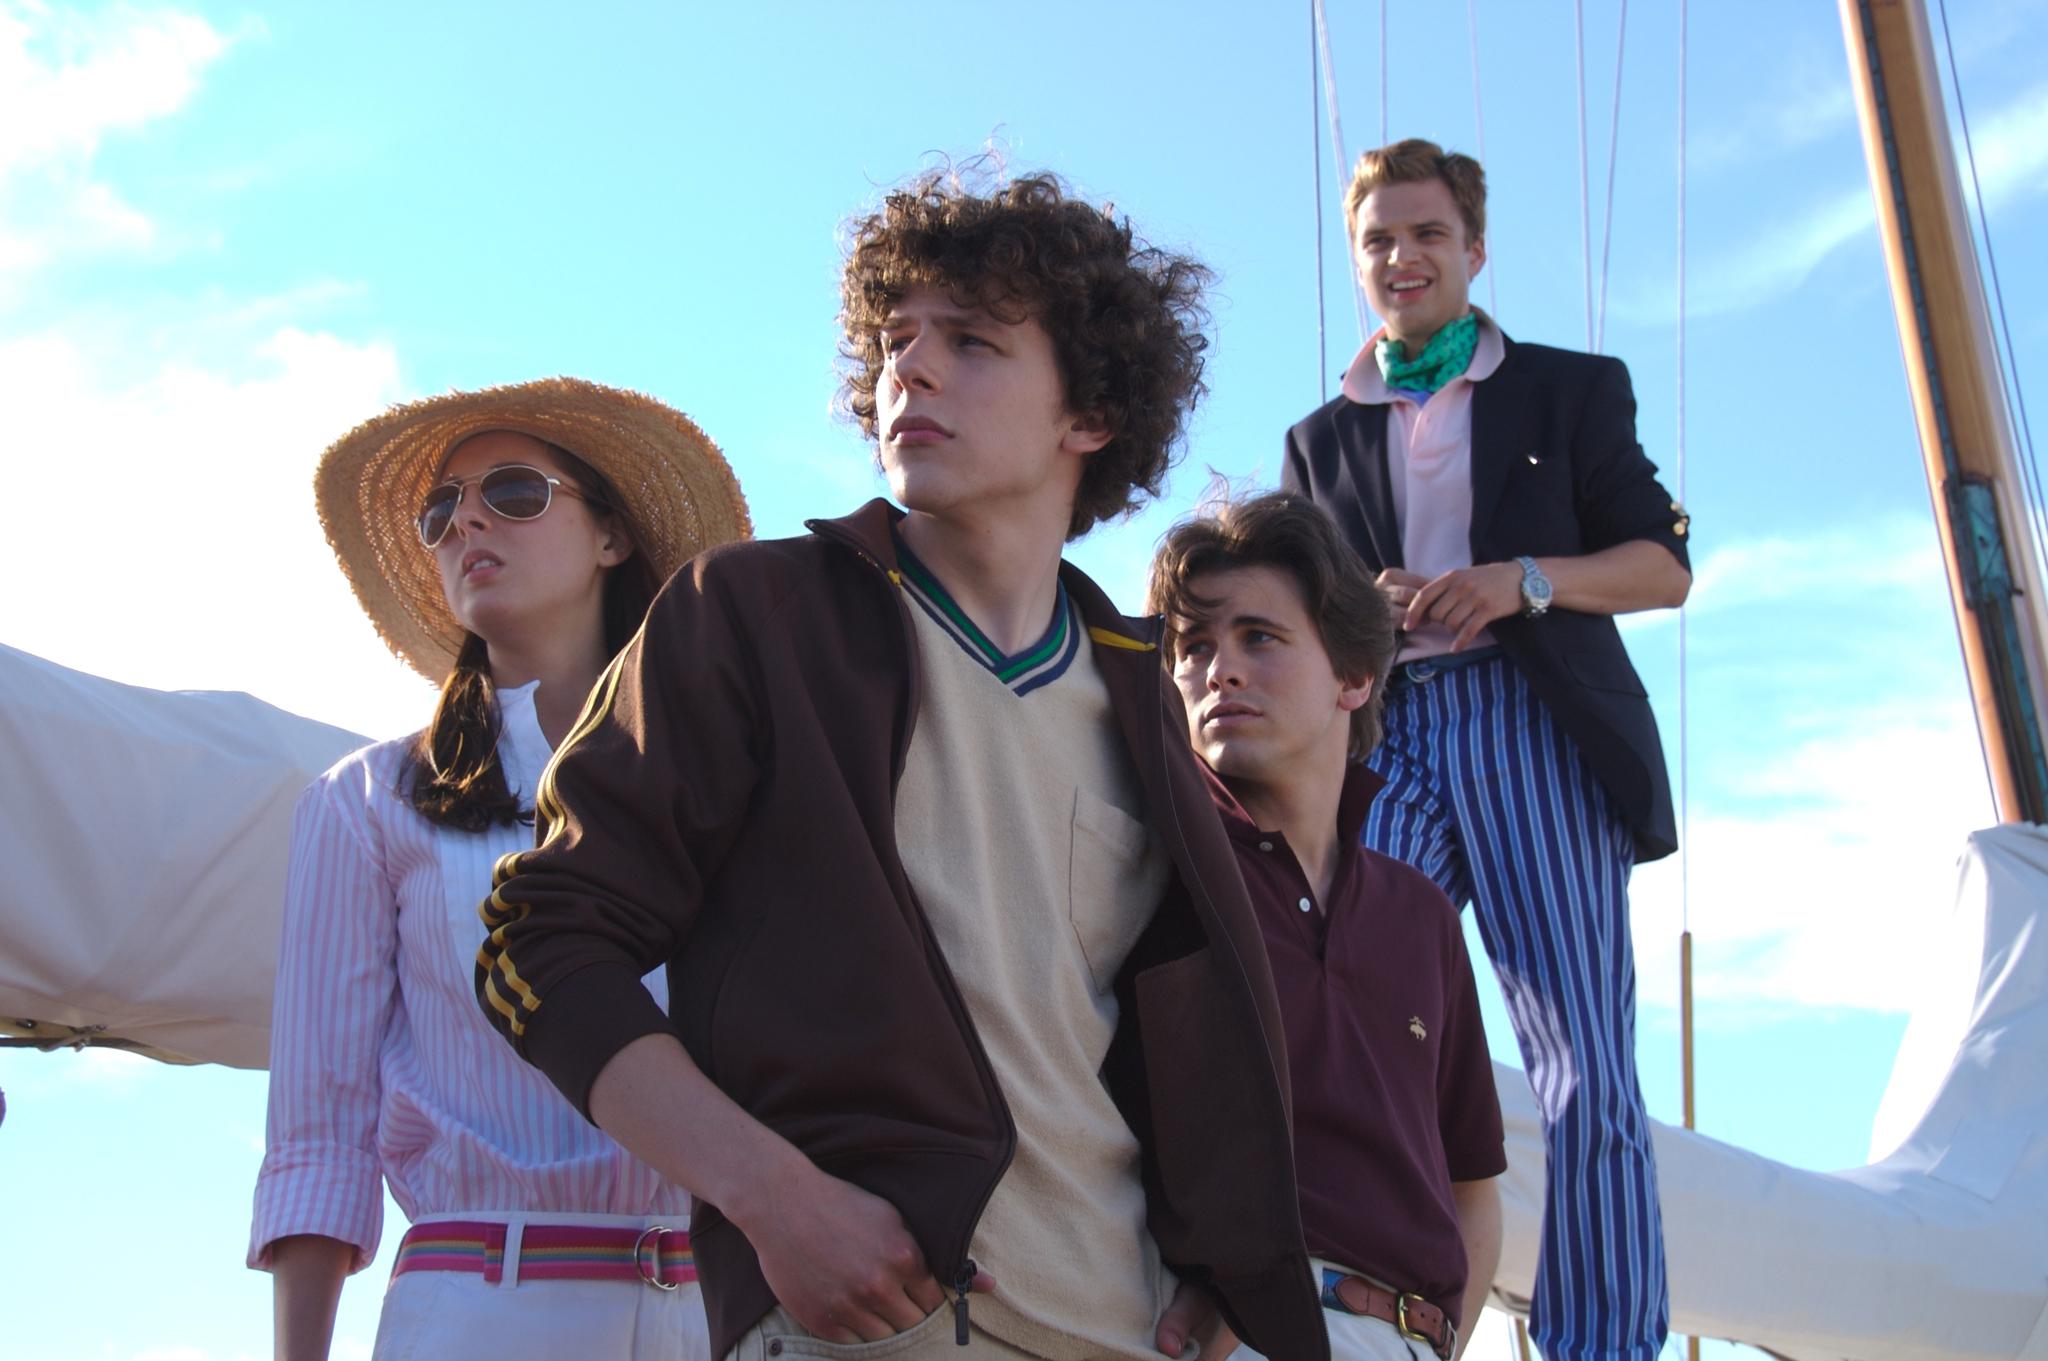 Eva Amurri, Jesse Eisenberg, Jason Ritter, and Sebastian Stan in The Education of Charlie Banks (2007)